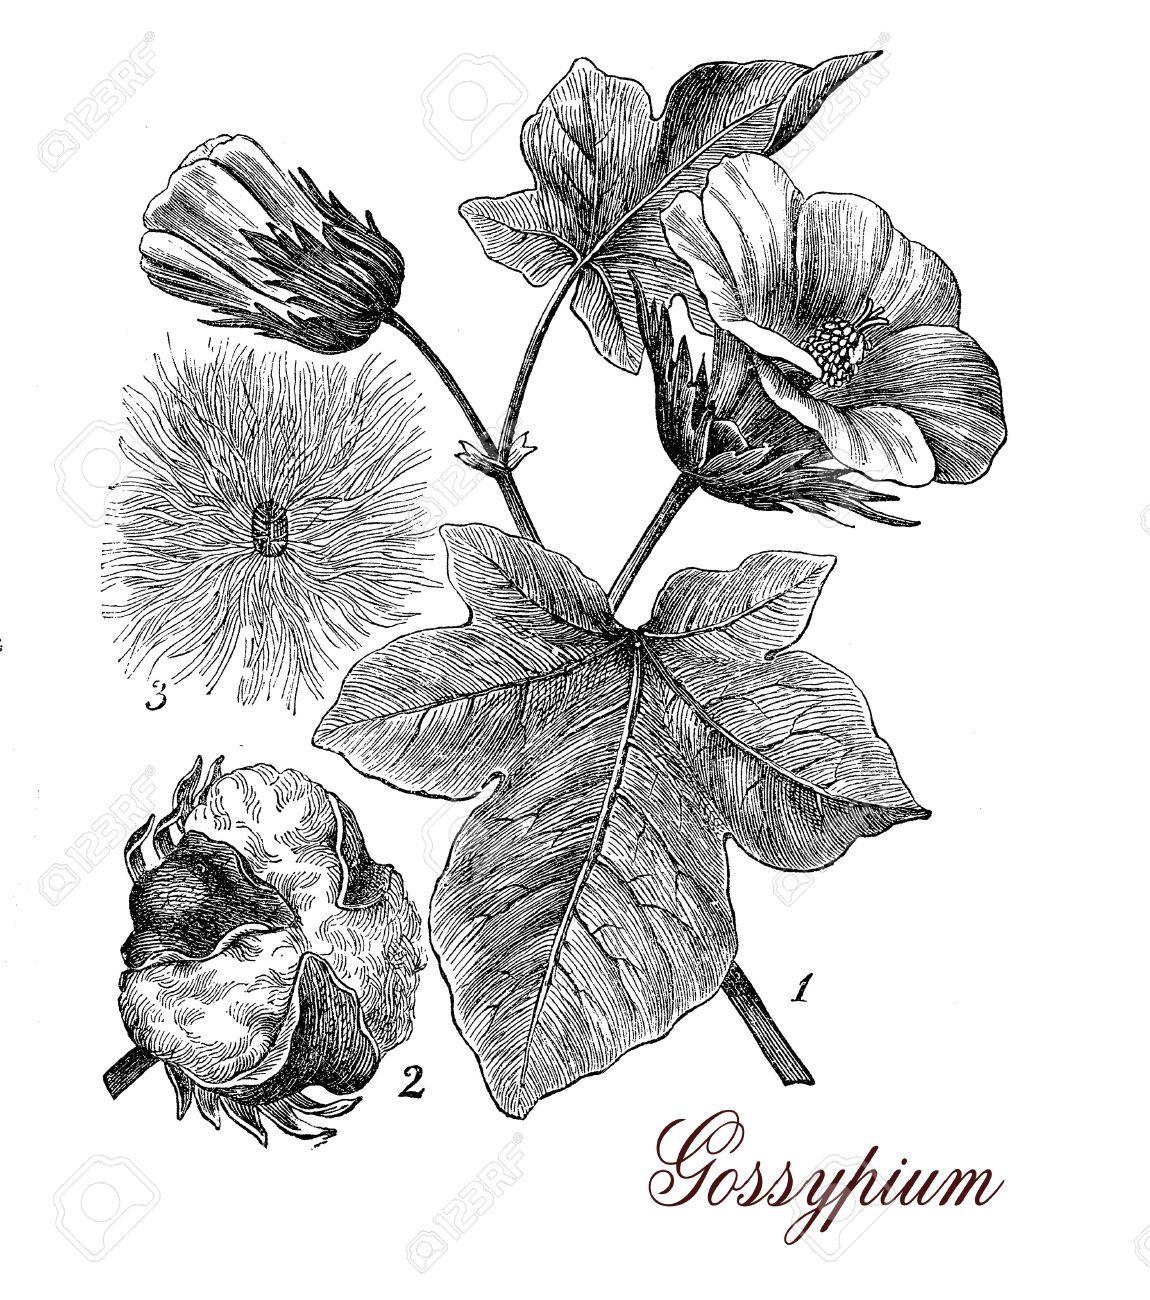 De Impresión Describiendo Planta De Algodón De La Vendimia ...